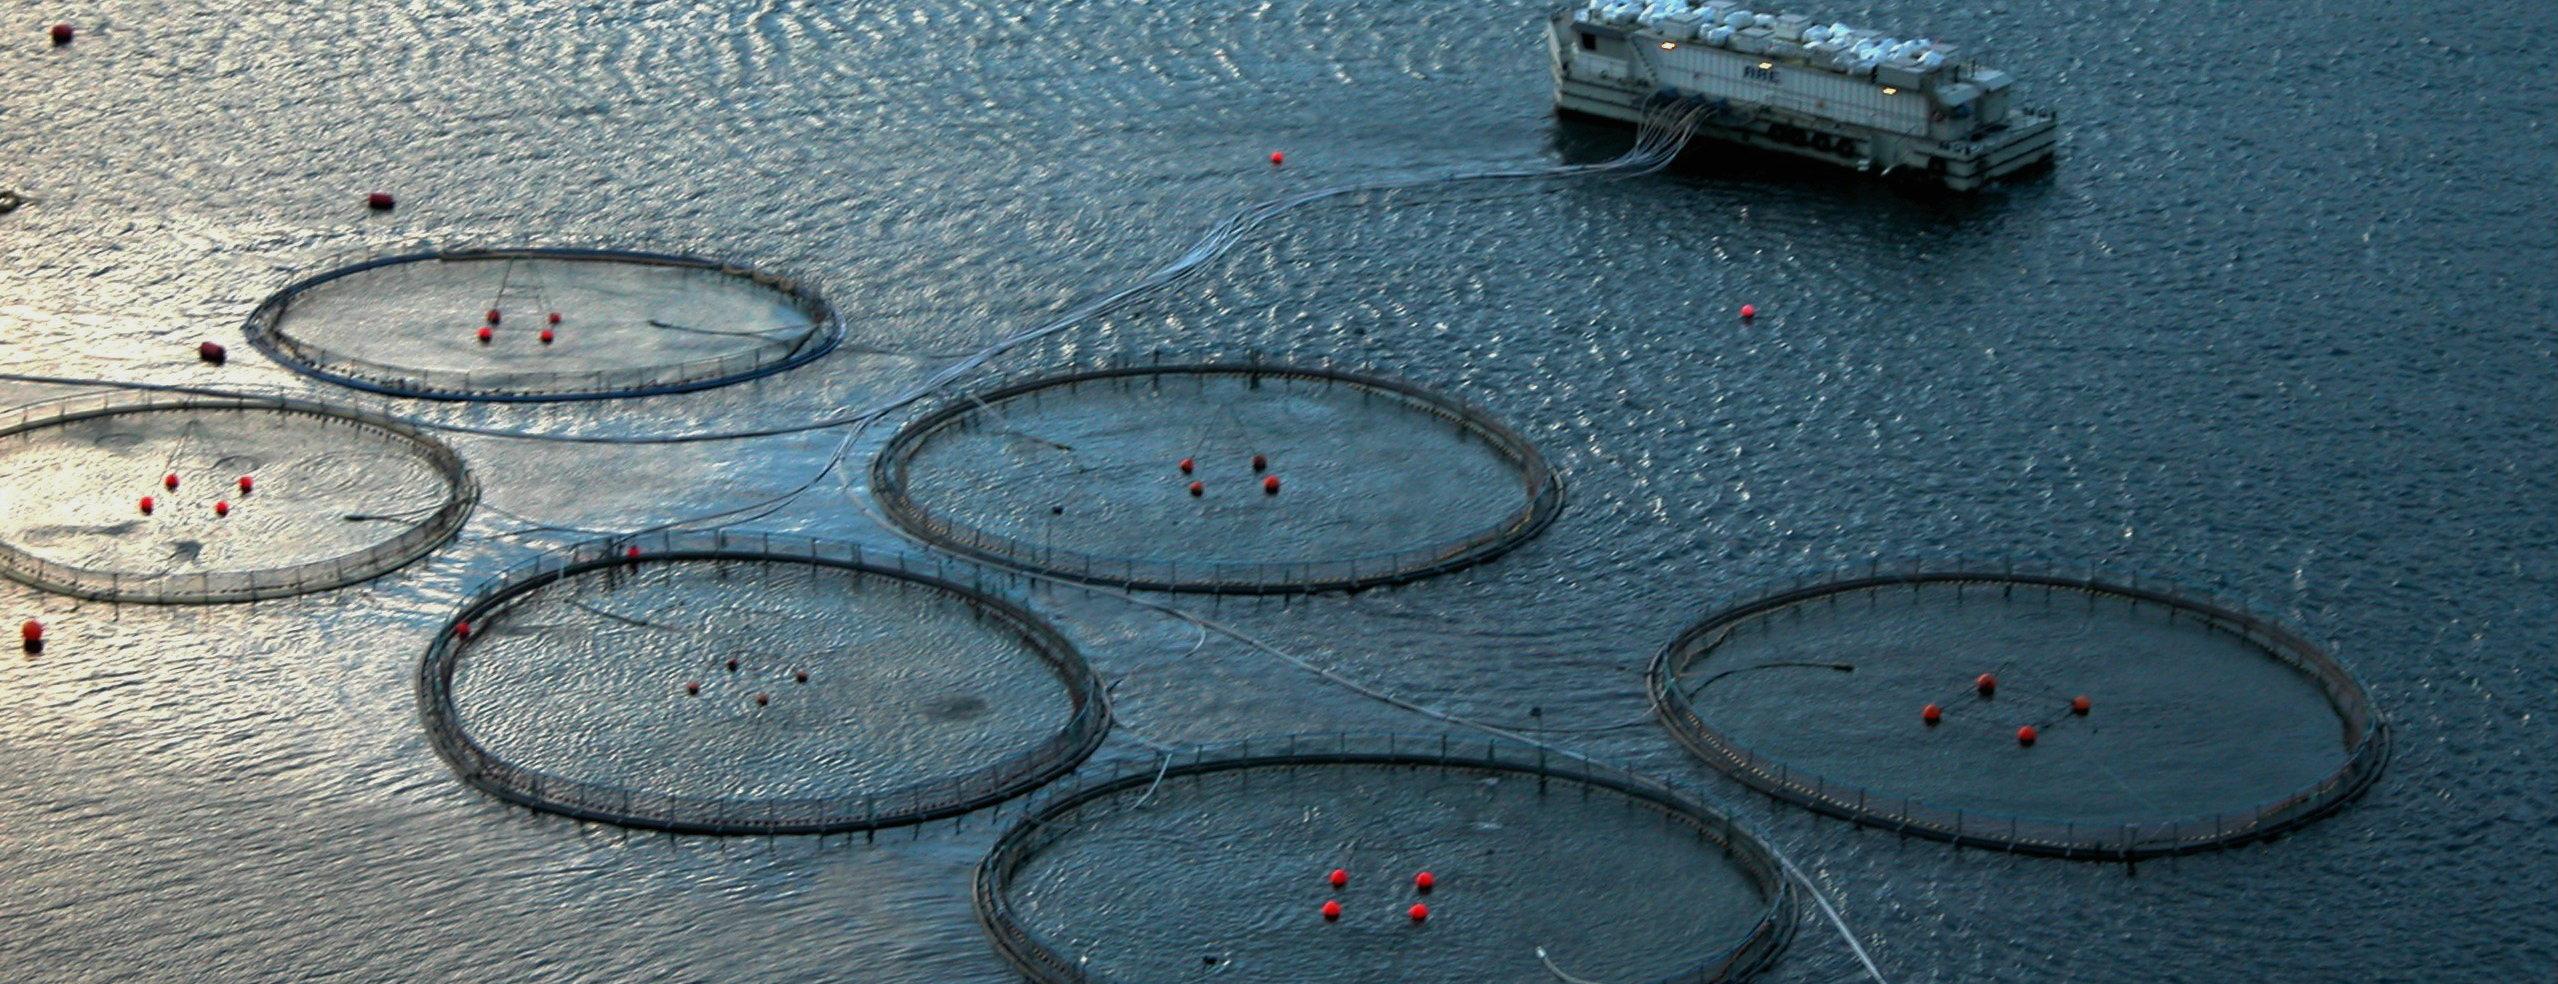 Stop for nye havbrug i Danmark: De sviner havet til